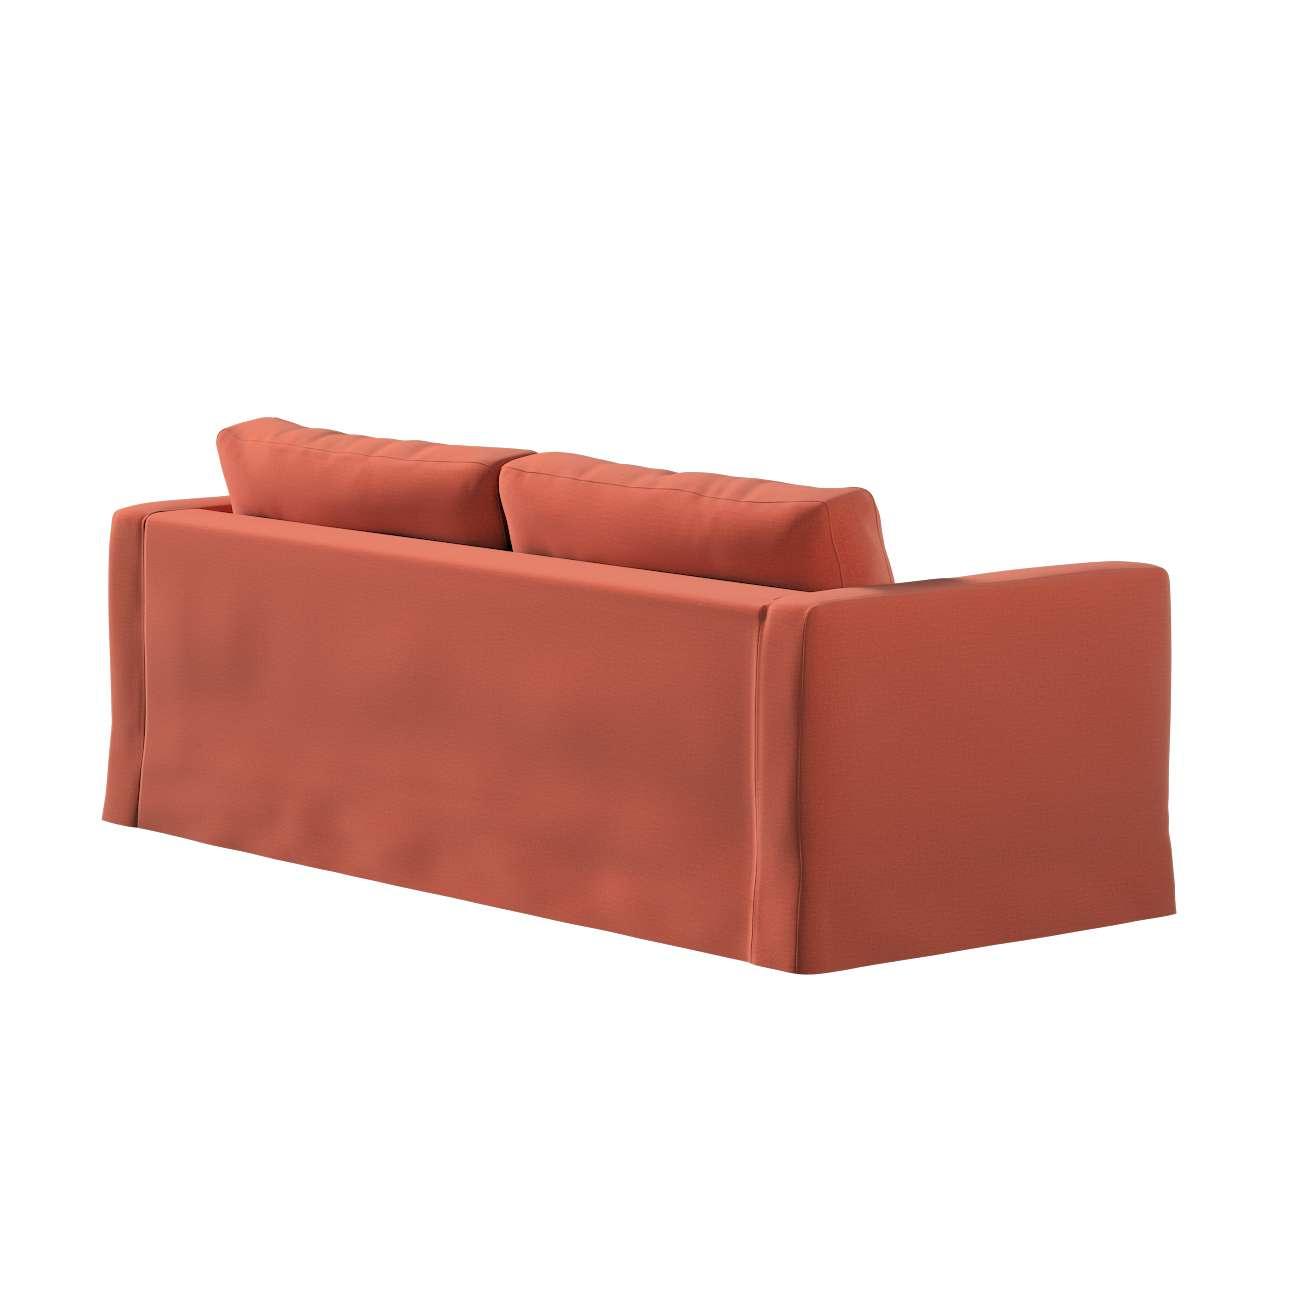 Hoes (lang) voor IKEA-Karlstad 3-zitsbank van de collectie Ingrid, Stof: 705-37